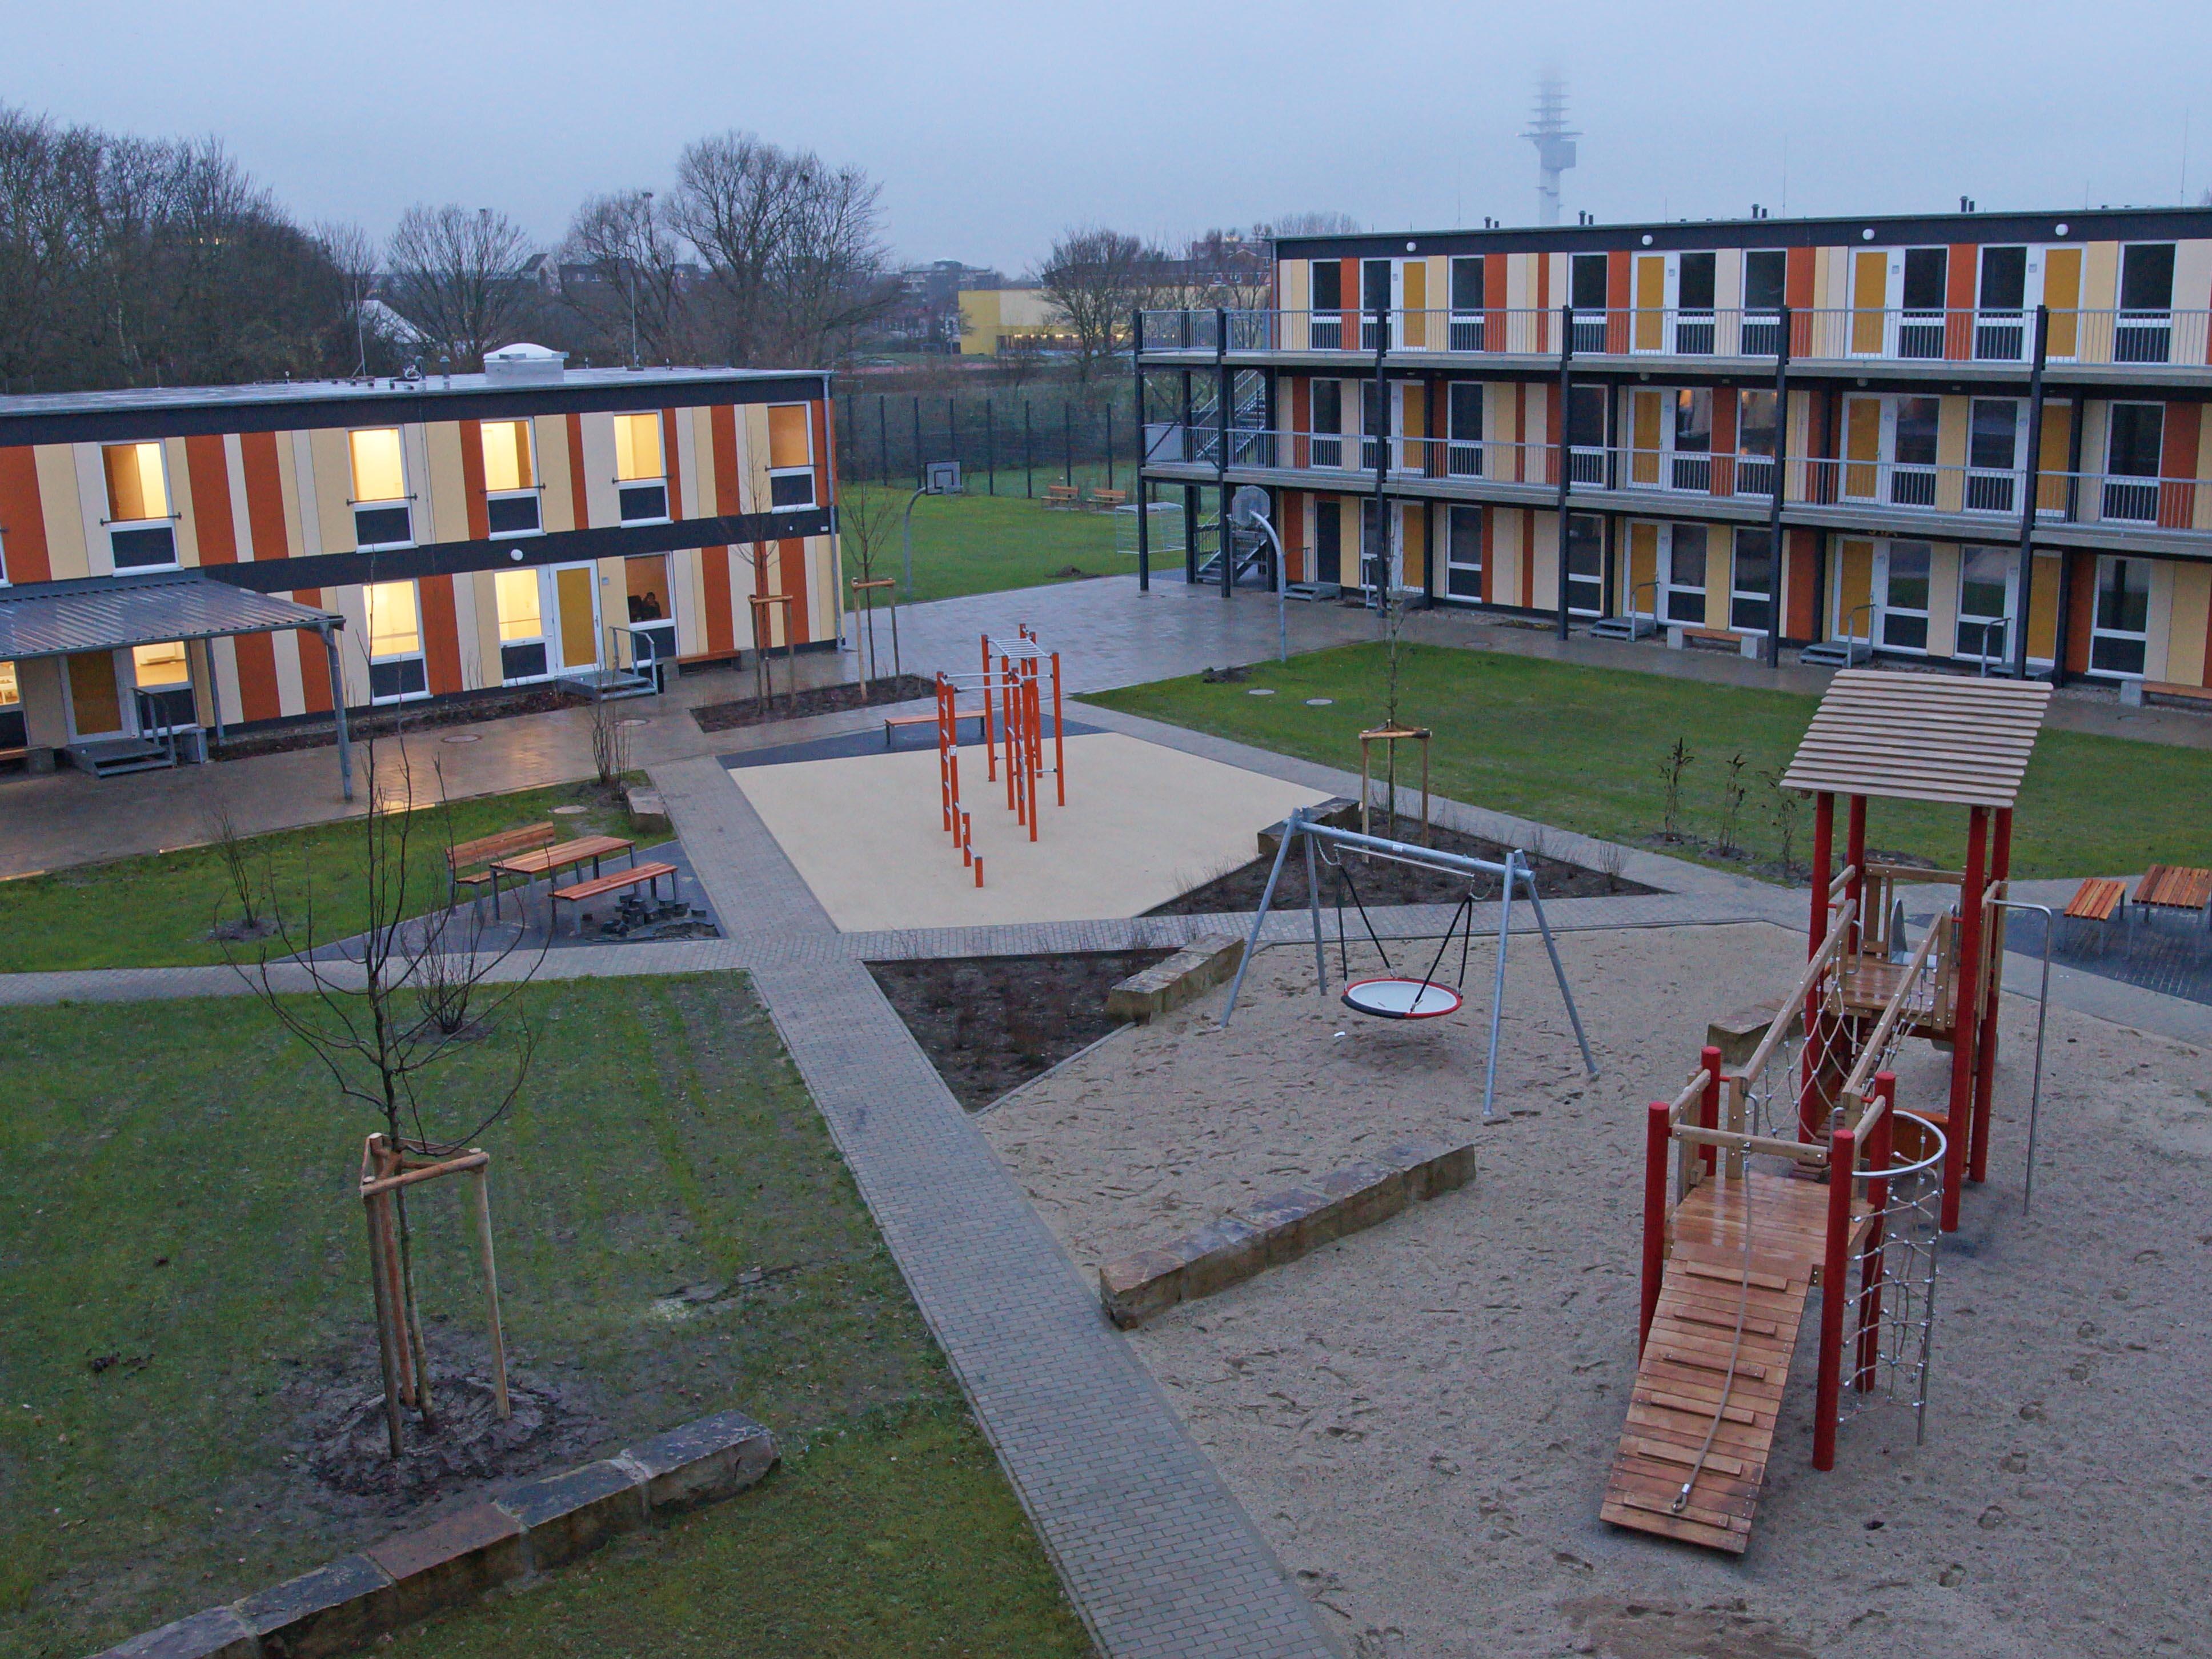 Ein Hof, gesäumt von Gebäuden. Darauf ein Spielplatz.